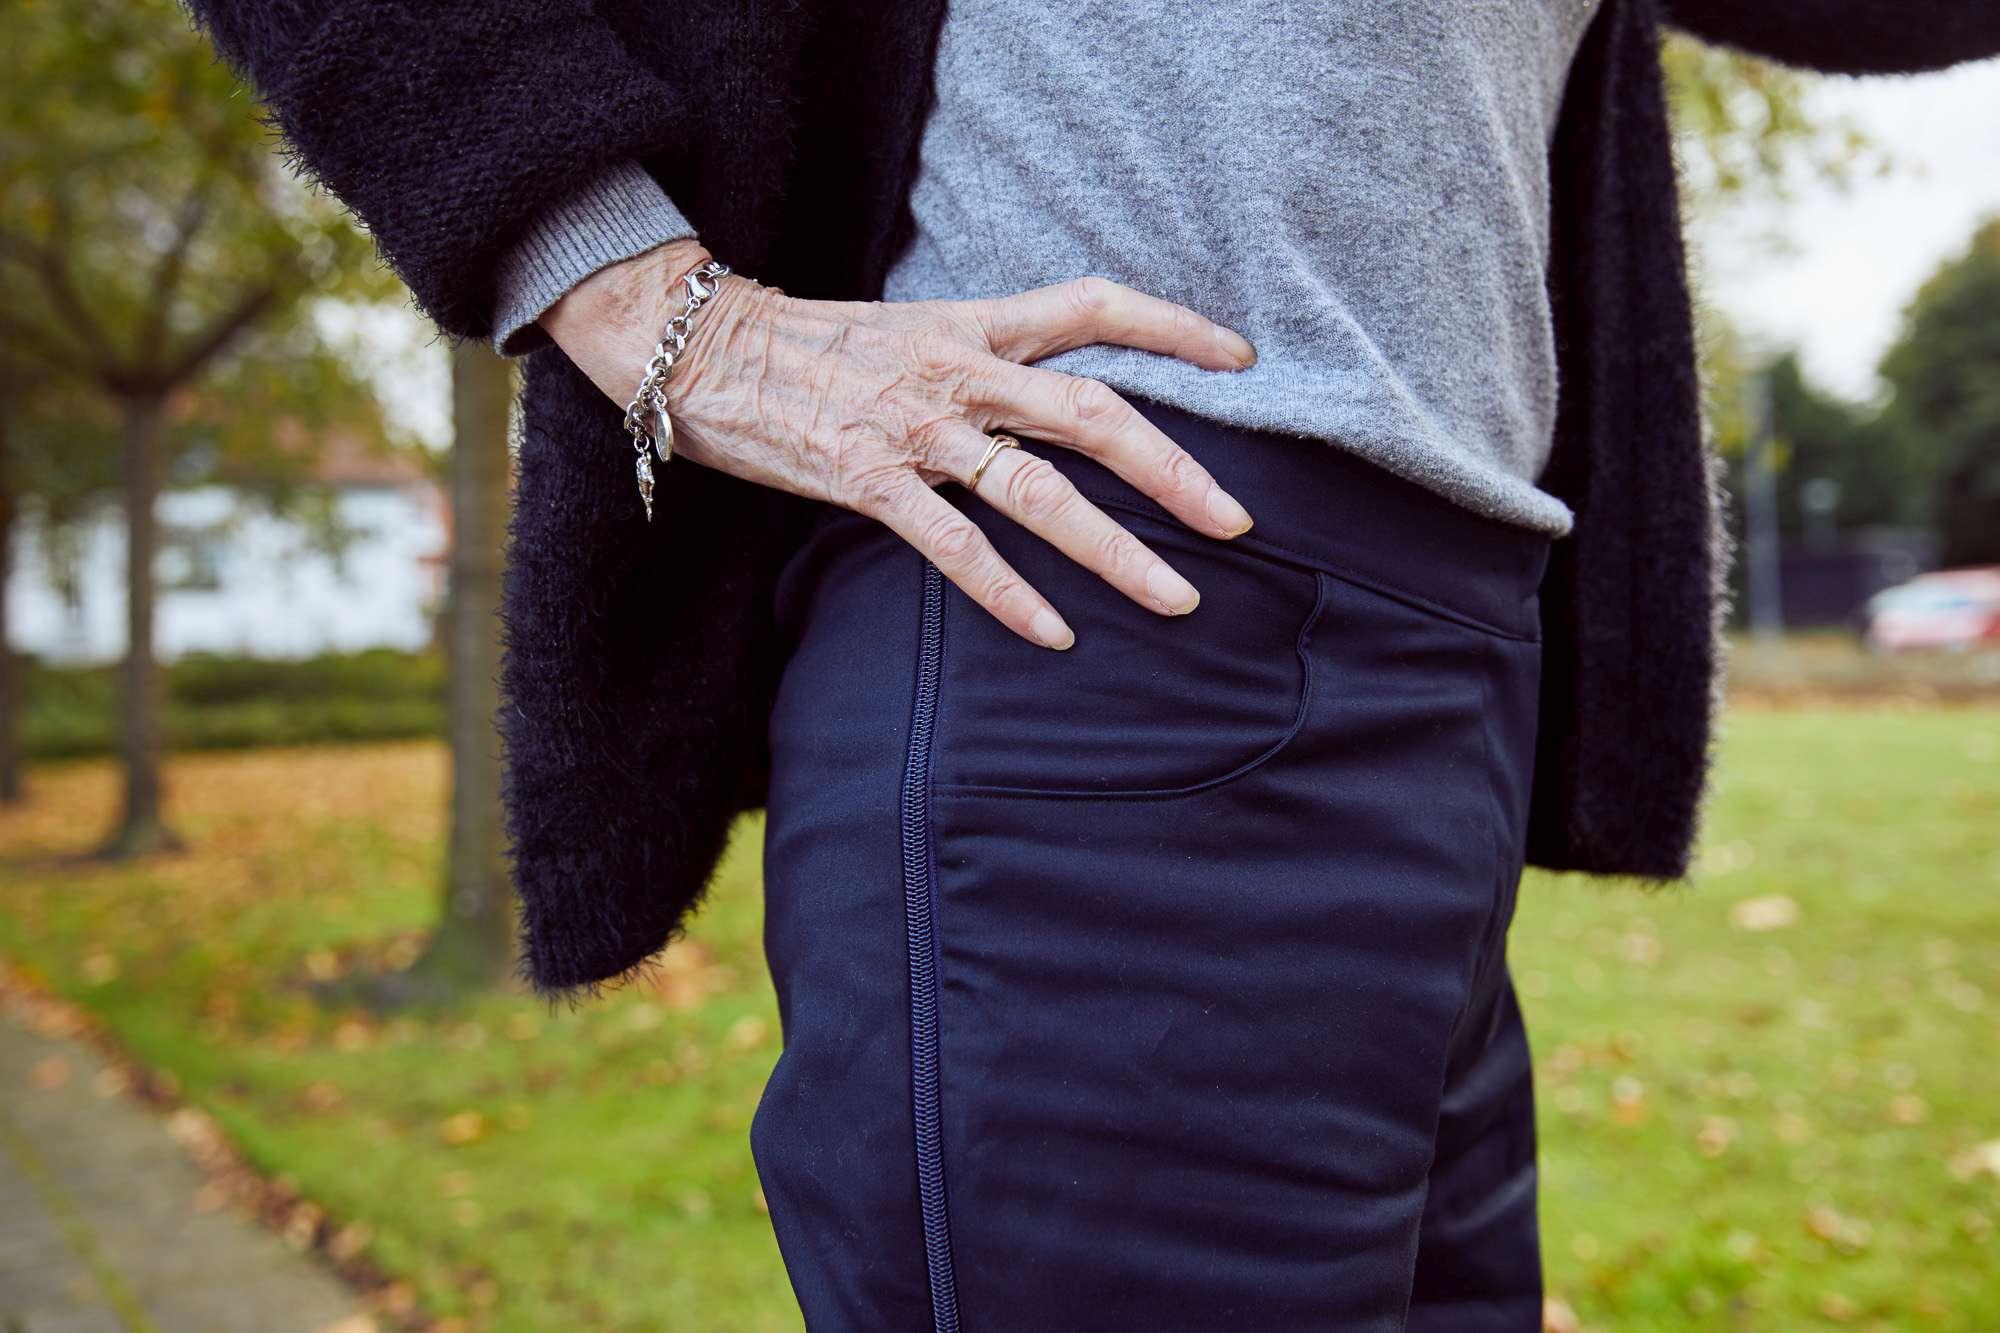 Voorkom gedoe aan het lijf Sneller aan- en uitkleden dankzij ritsen in de broek.  Ritsen zijn een uitkomst voor zowel mensen die lopen als mensen die in een rolstoel zitten.  Iemand met dementie kan het heel vervelend vinden als er mensen aan hem zitten om bijvoorbeeld te verkleden of verschonen. Het kan angst, schaamte of weerstand oproepen.  Tijdens het lopen kunnen de ritsen al worden open geritst en kan iemand snel verschoont worden. De tijd van aan- en uitkleden wordt verkort.   Of iemand kan liggend op bed worden aangekleed, omdat het fysiek te inspannend is geworden om een broek aan te trekken.  Wat een bijkomend voordeel is, is dat als iemand onbewust schaamte voelt. Je dankzij een broek met ritsen de tijd dat iemand in zijn ondergoed is, aanzienlijk verkort. Dat voorkomt stress en weerstand.  Bekijk hier de broekenpagina van DAPR Fashion.